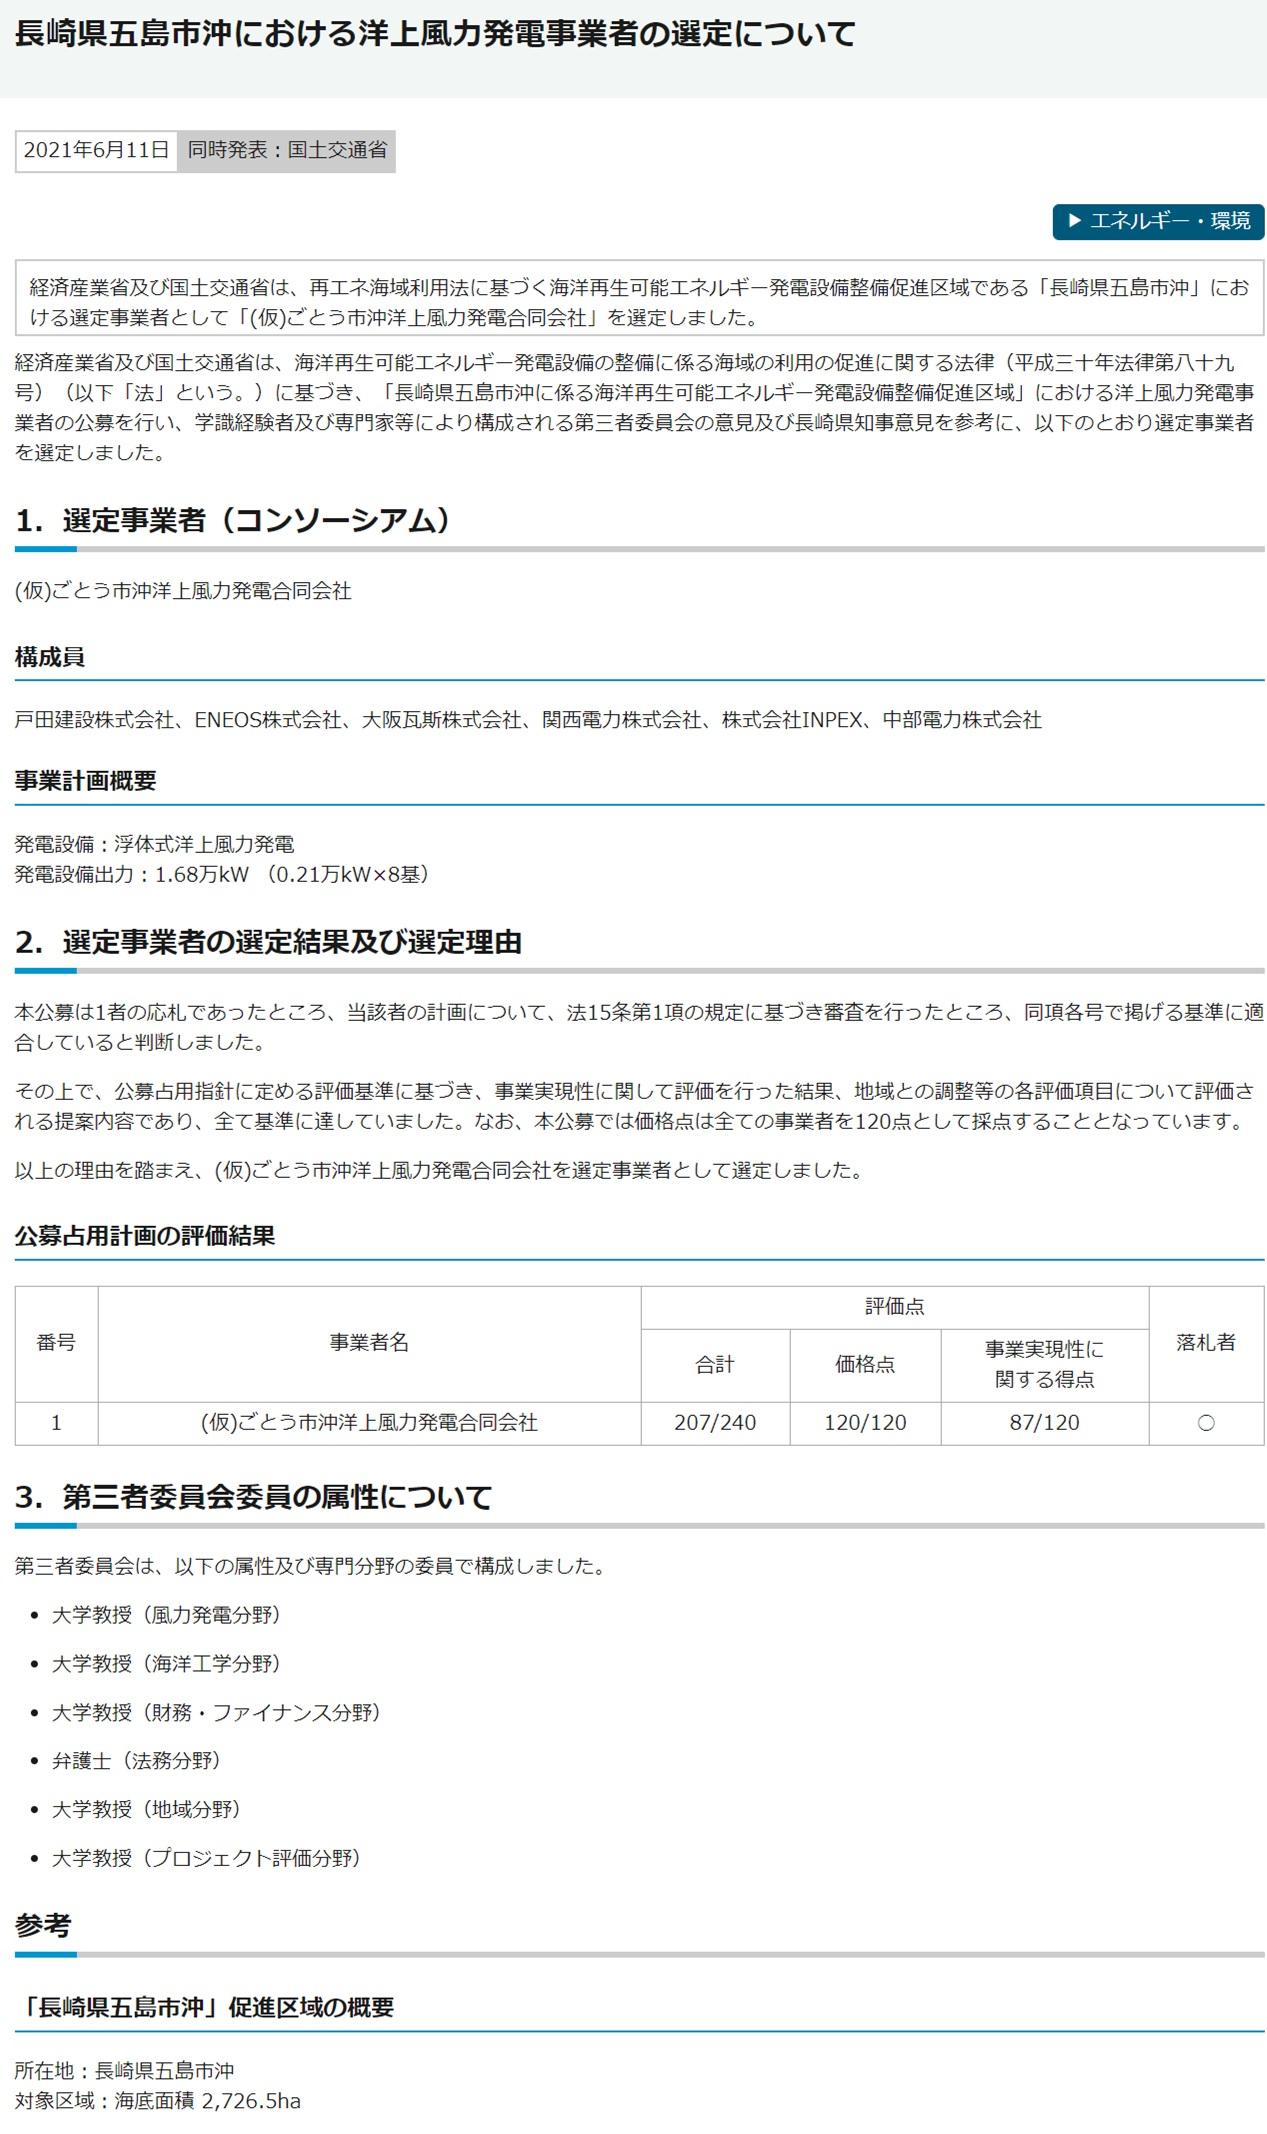 日本初の商用浮体式洋上風力発電-03